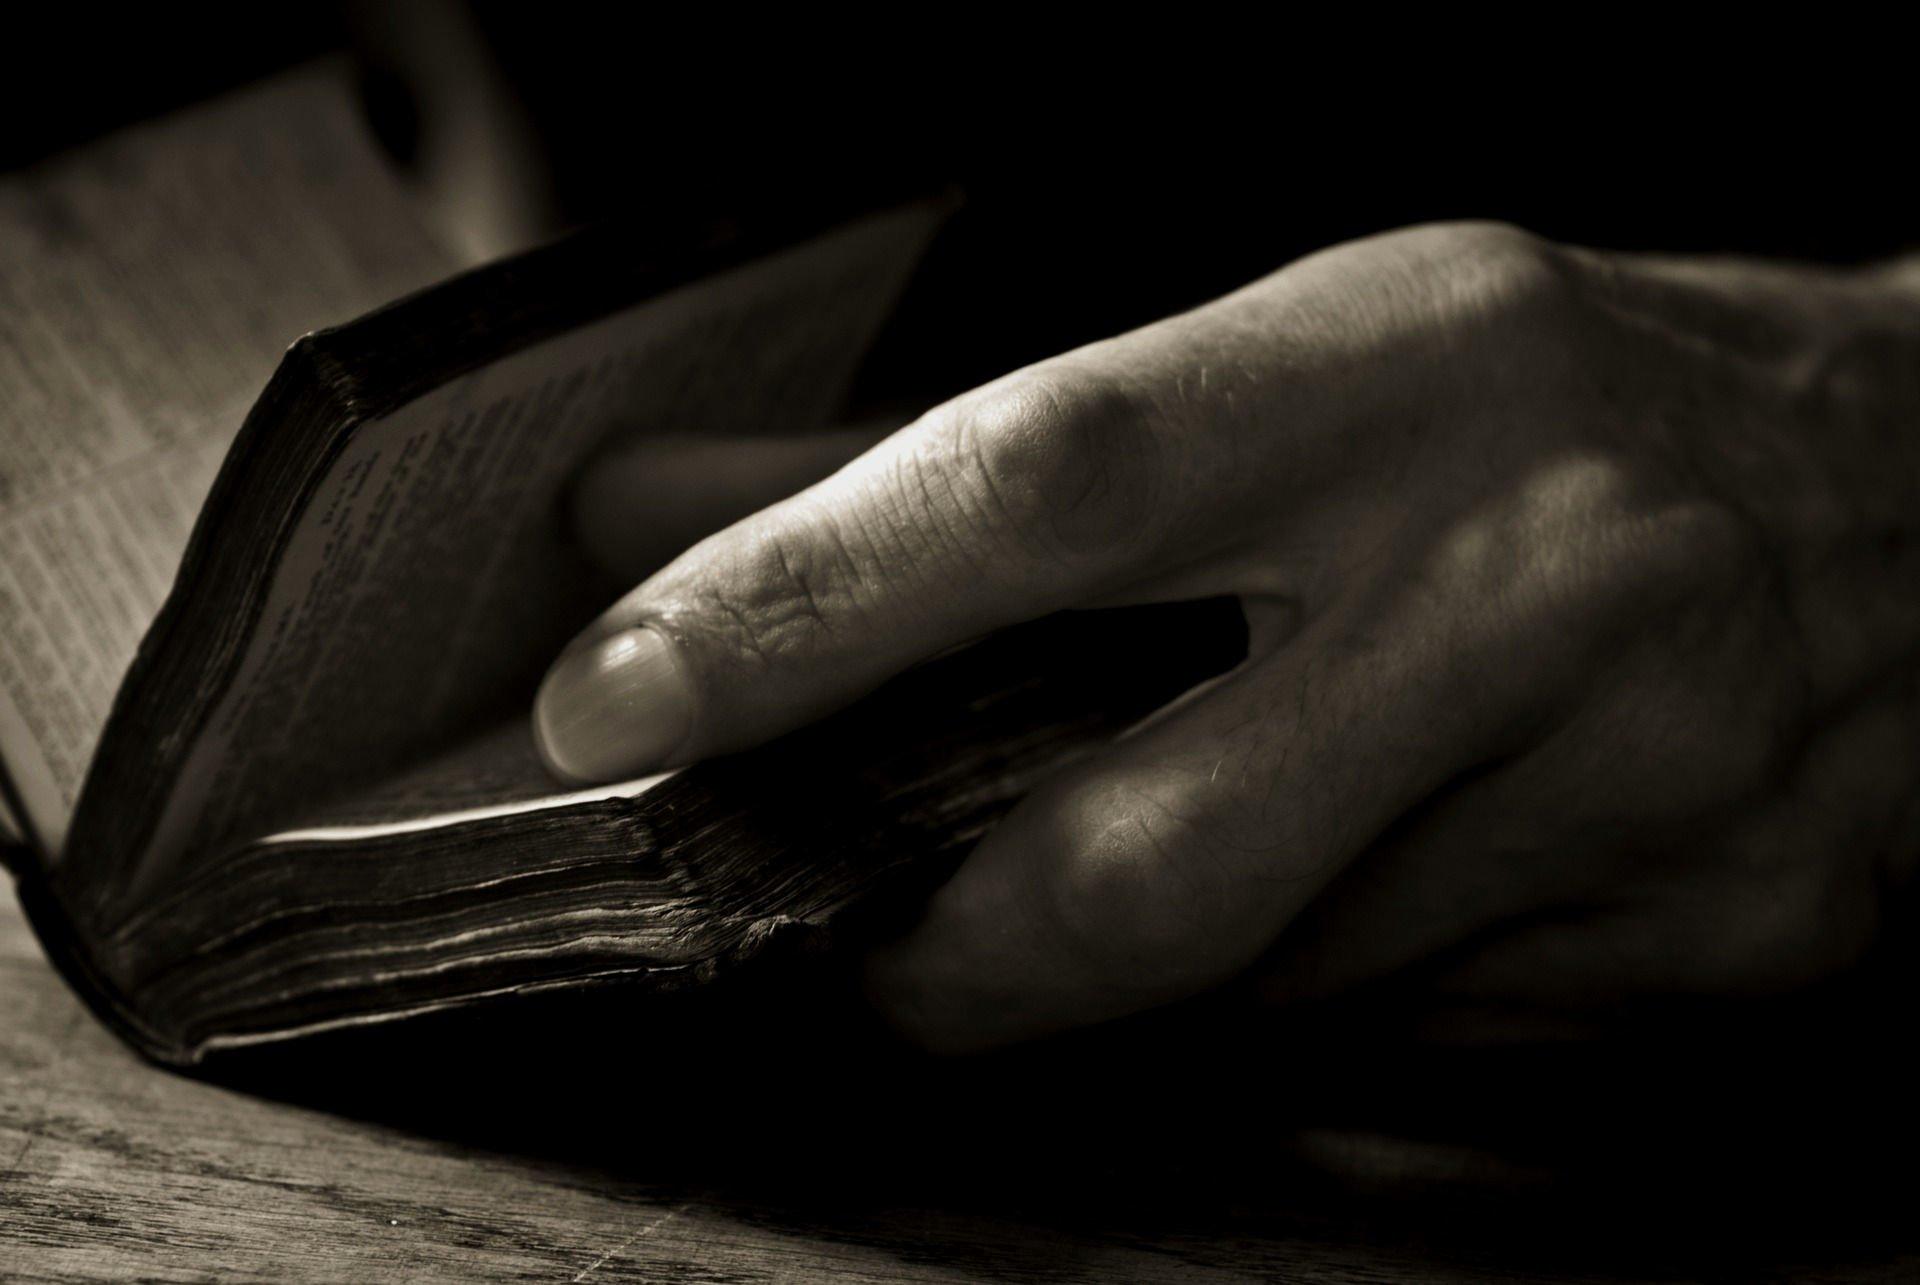 Γένεσις Κεφάλαιο 2 Αγία Γραφή Παλαία Διαθήκη Ψαλμοί Ψαλμός 25 Ψαλμοί Ψαλμός 39 Ψαλμός 65 Ψαλμός 119